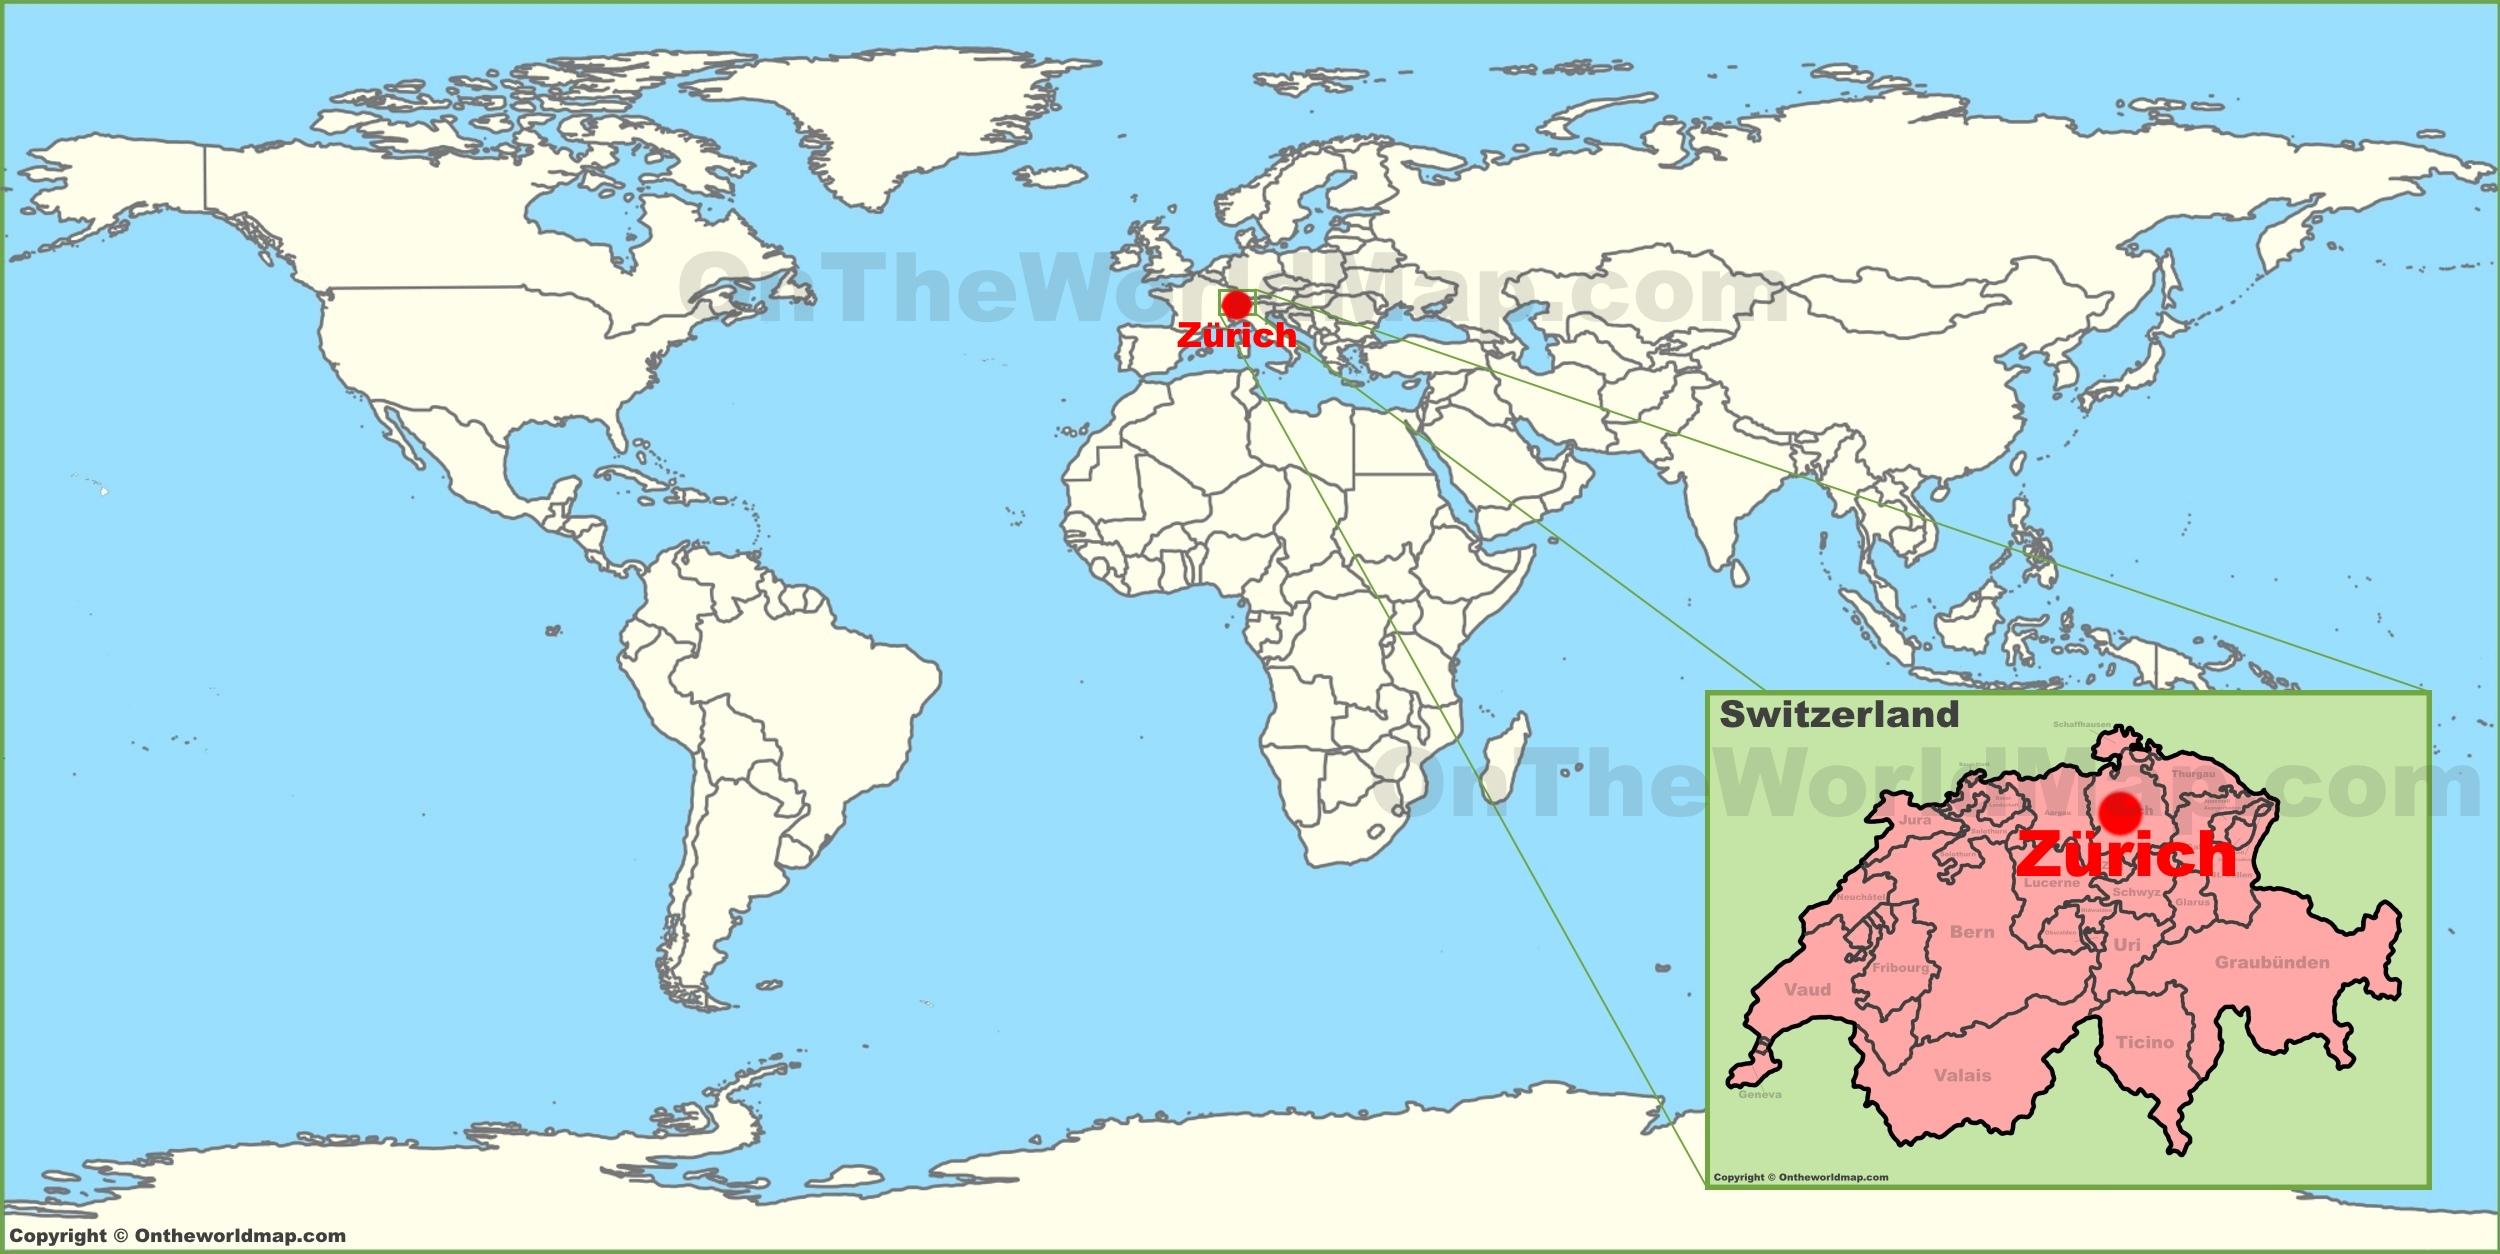 Zurich Switzerland Map Zürich on the World Map